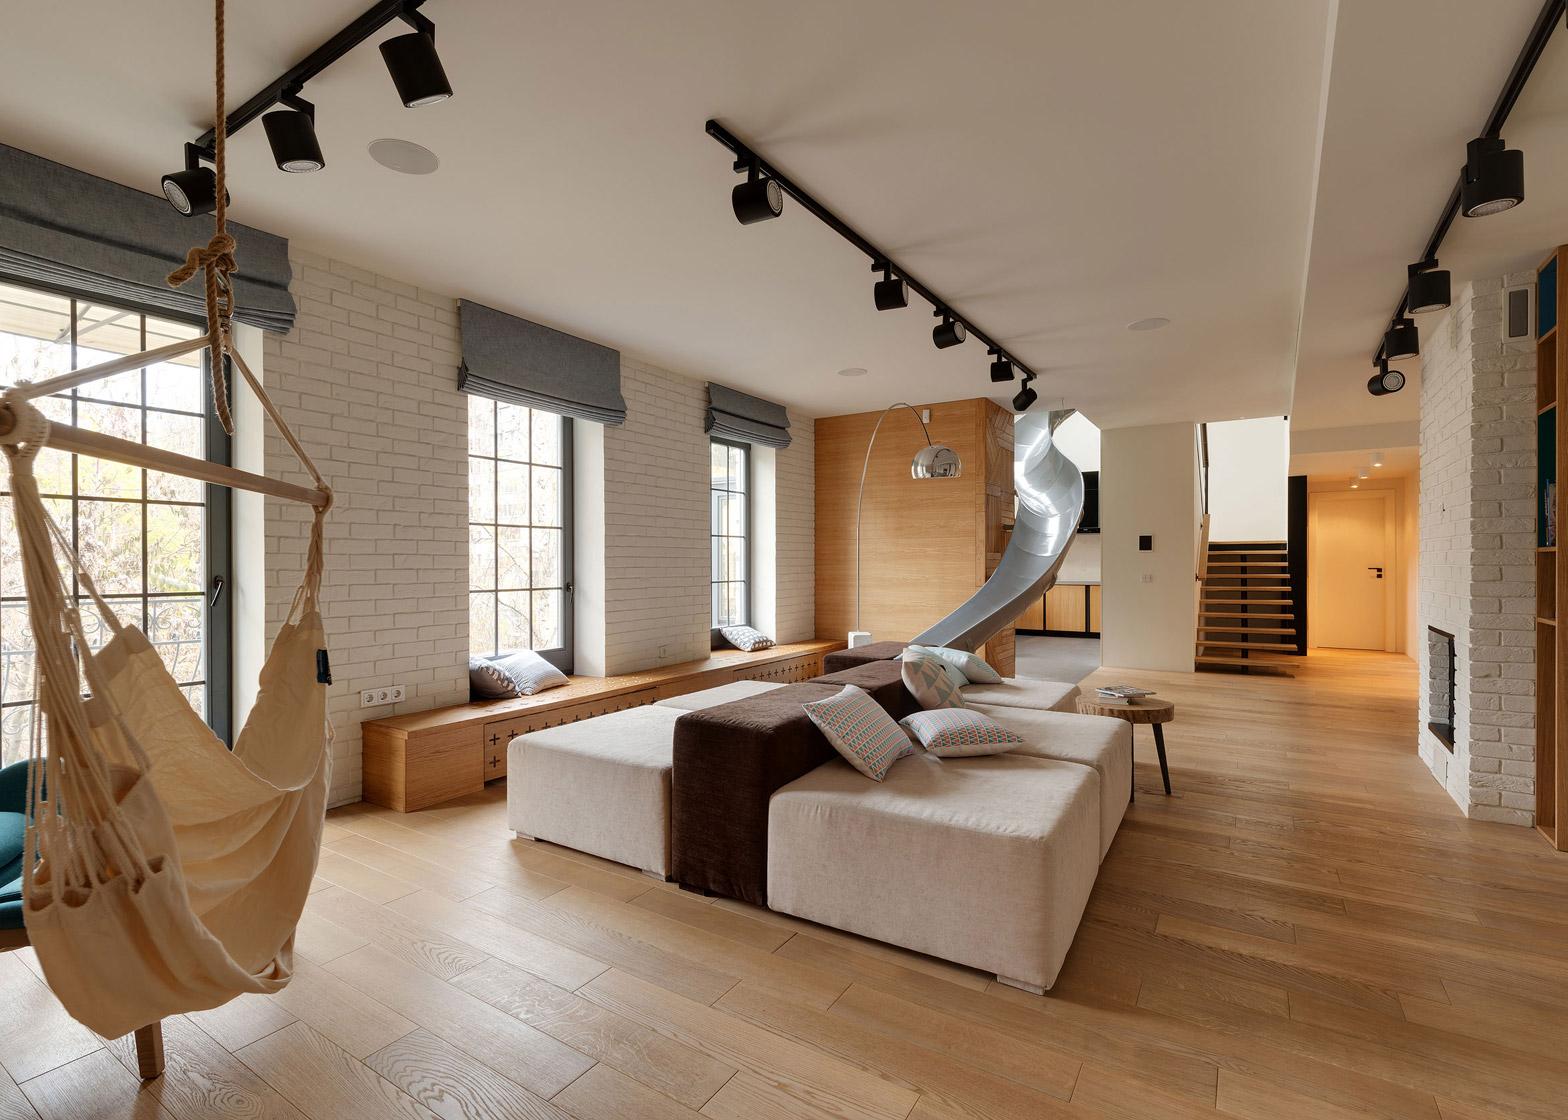 colori interno casa colori per interni soggiorno luxury colore delle pareti casa fai da te with. Black Bedroom Furniture Sets. Home Design Ideas